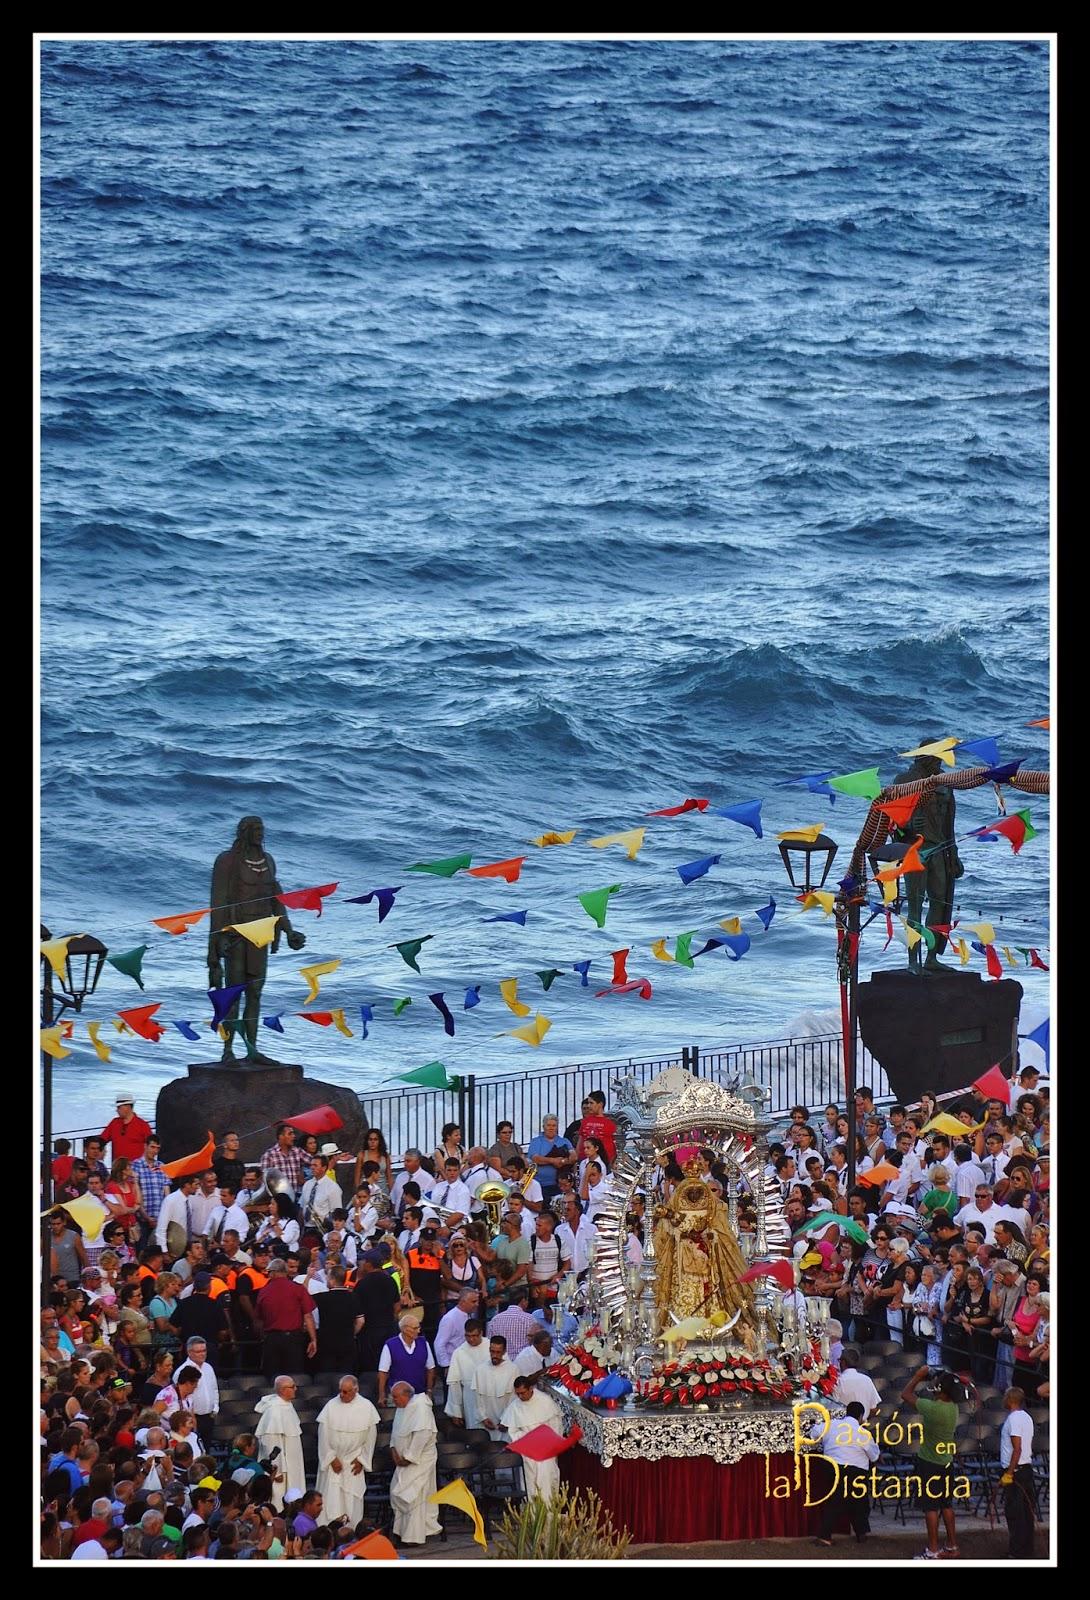 Ceremonia_de_los_guanches_candelaria_agosto_tenerife